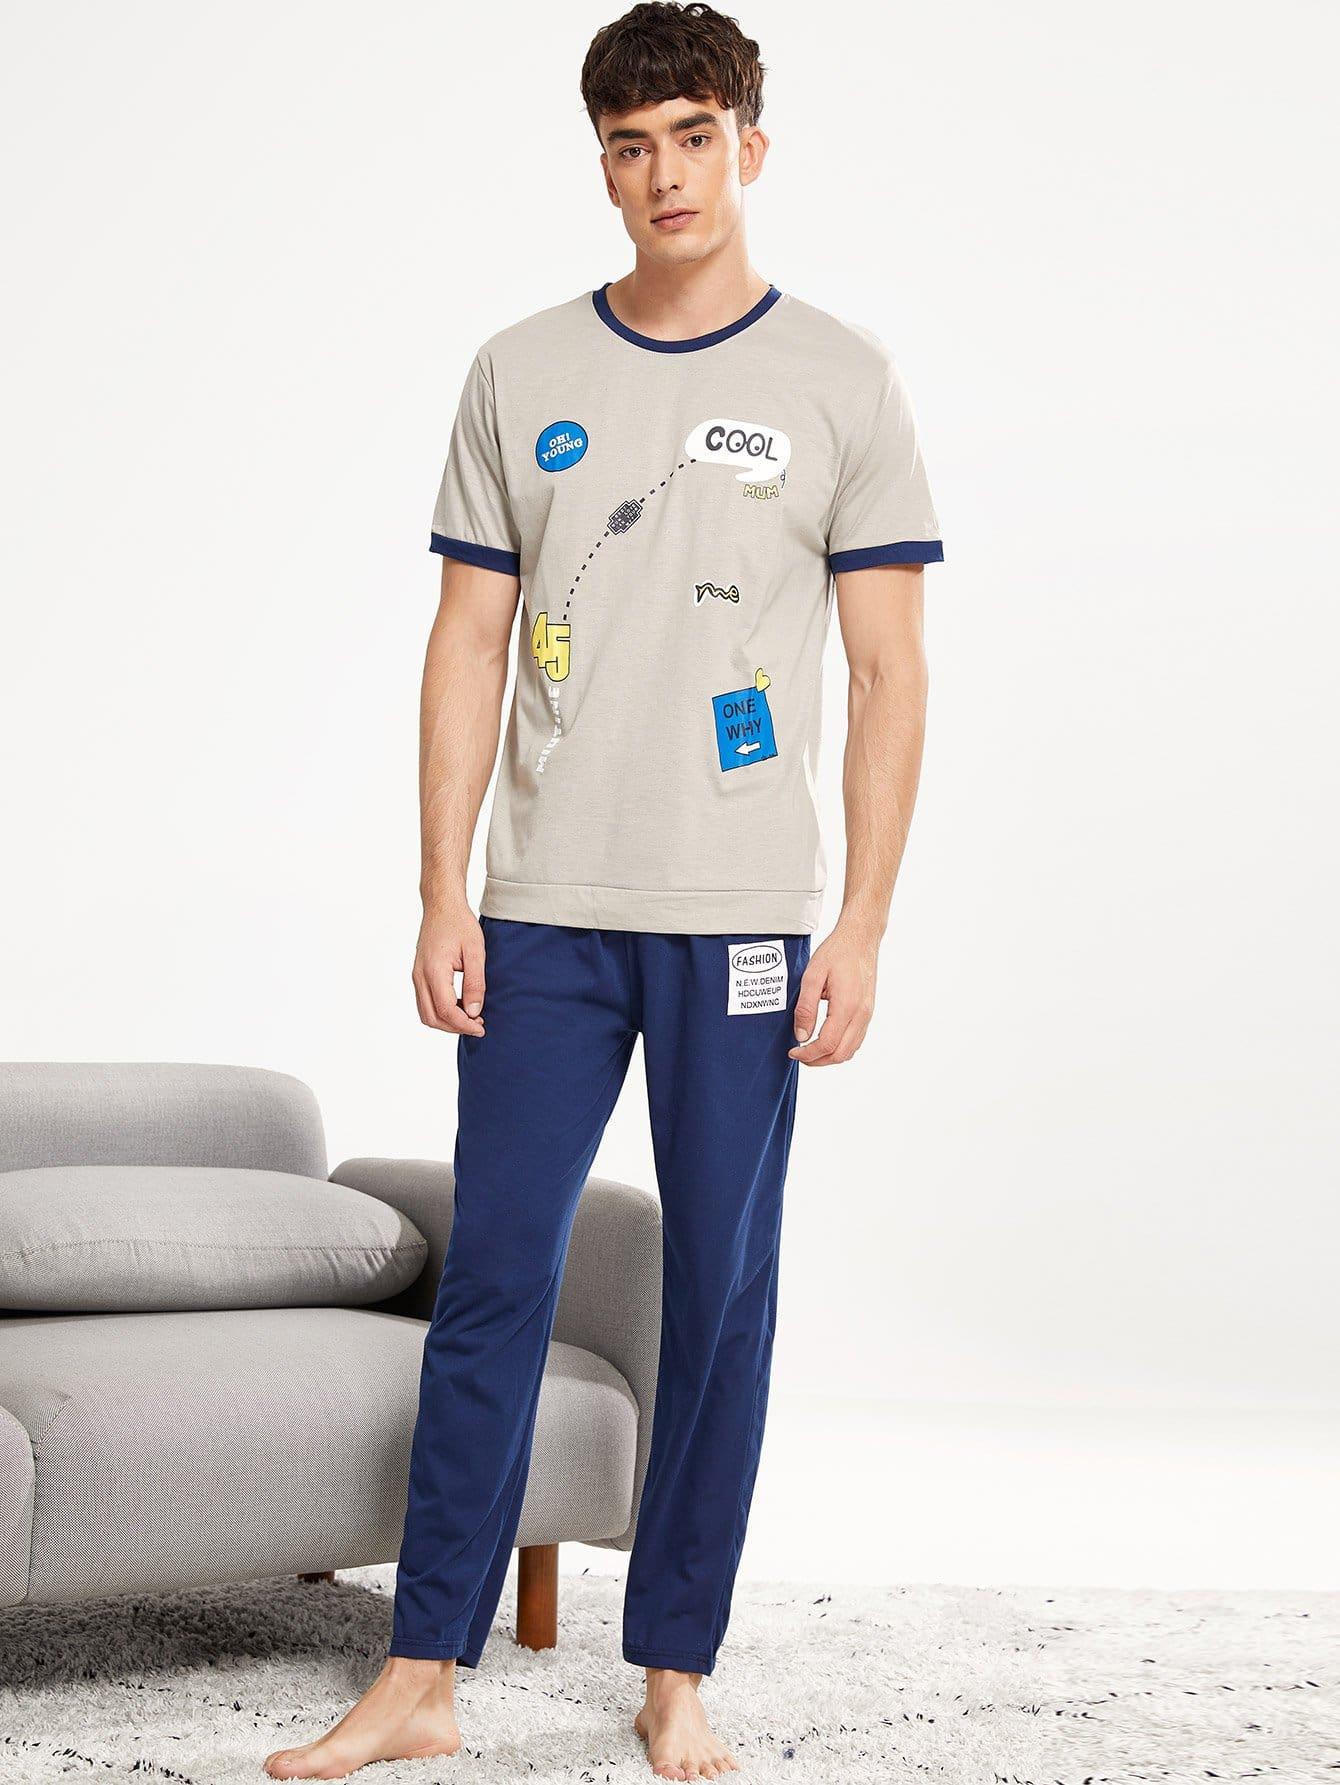 Комплект пижамы с рисунками мультипликаций и буквы для мужчины от SheIn